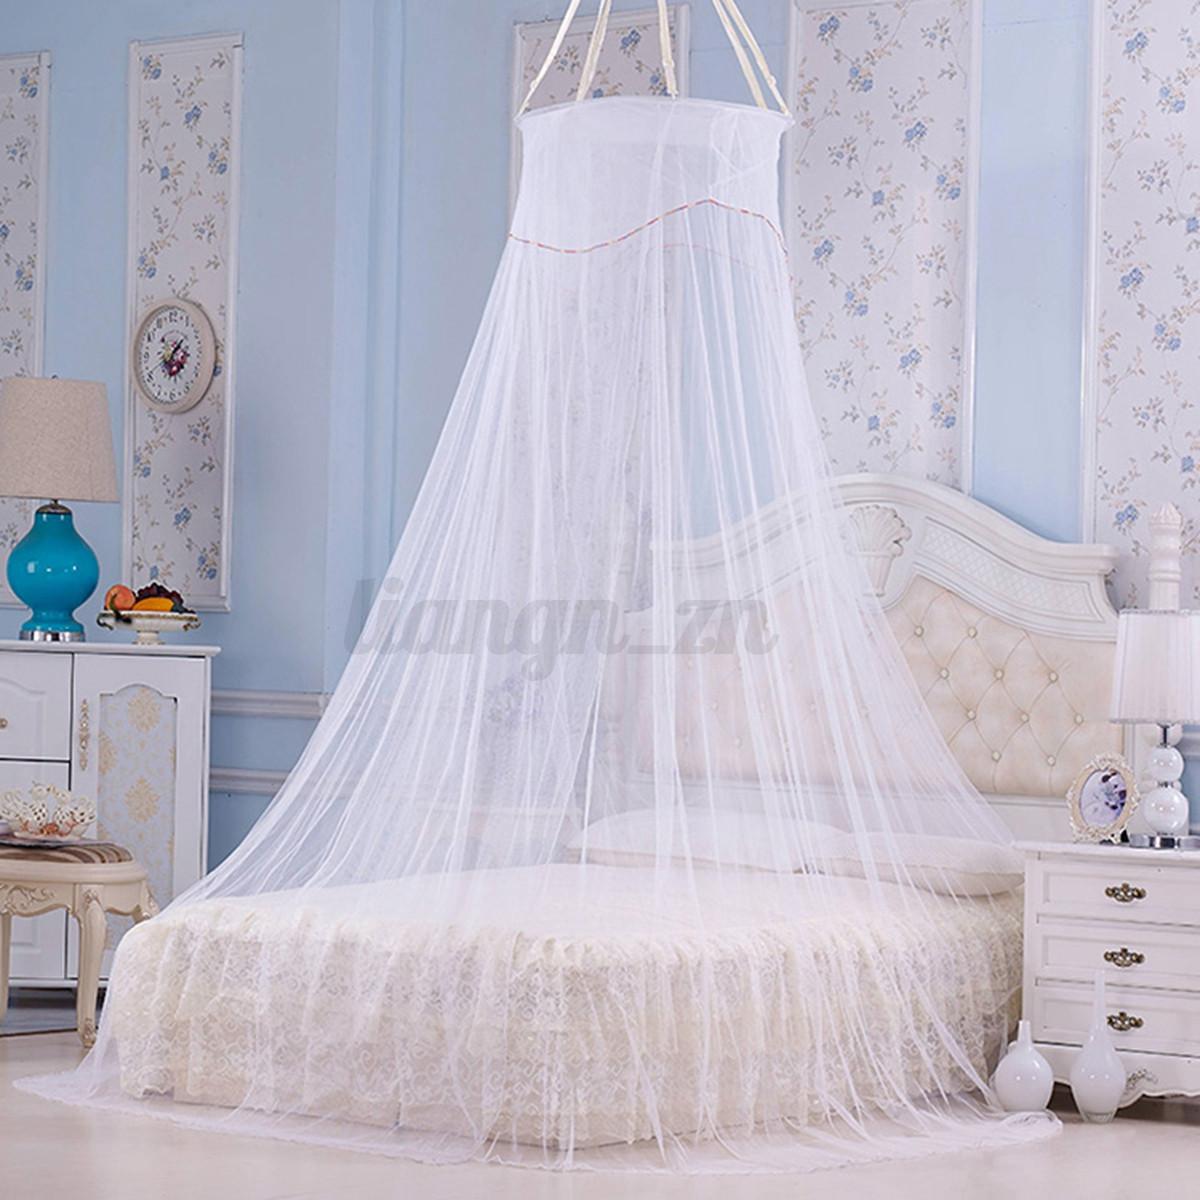 1pcs ciel de lit moustiquaire baldaquin déco voile chambre rond ...